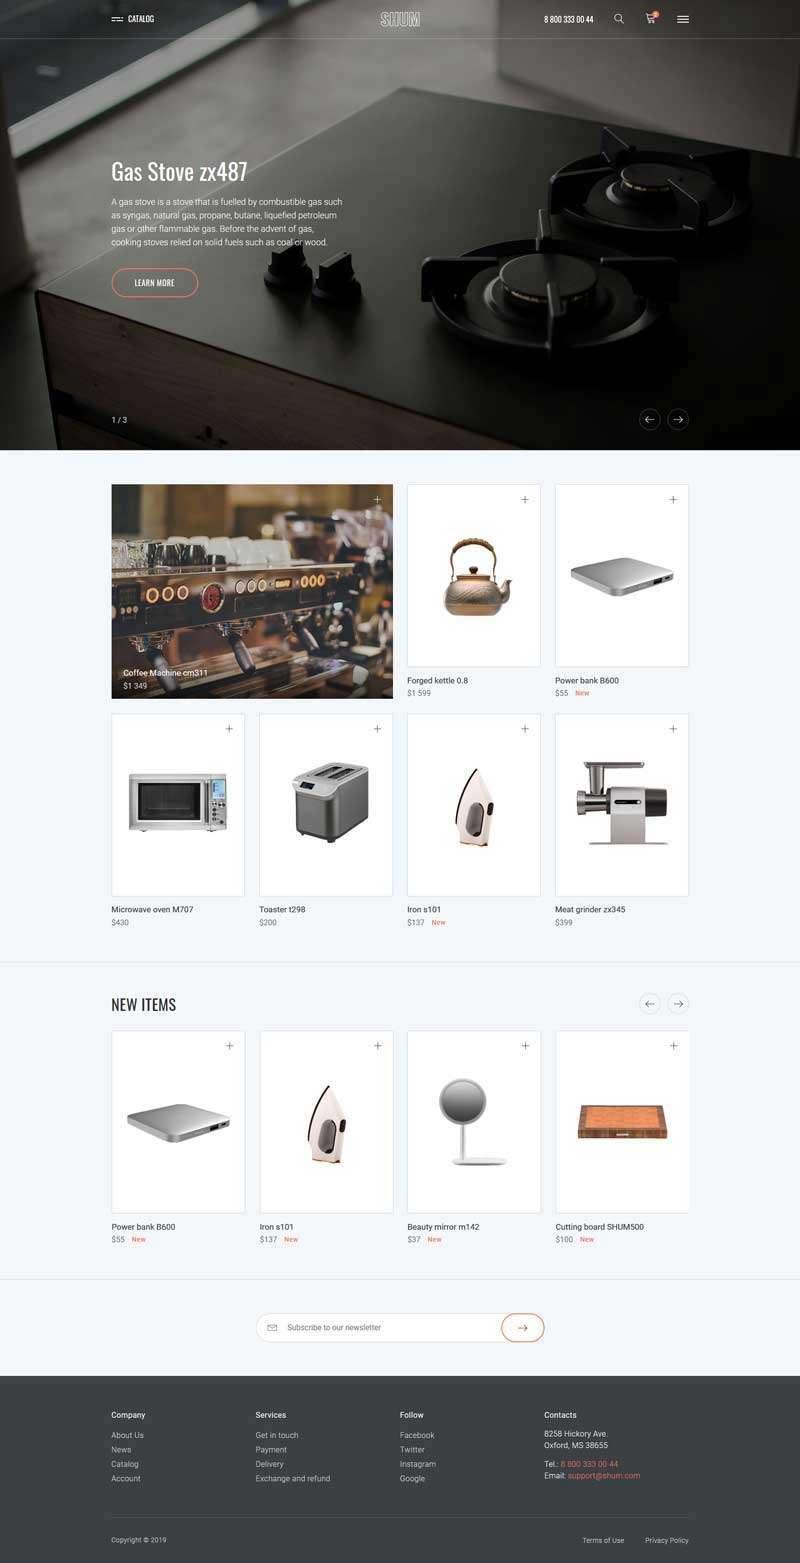 高端大气宽屏html5响应式家用电器商城网站模板